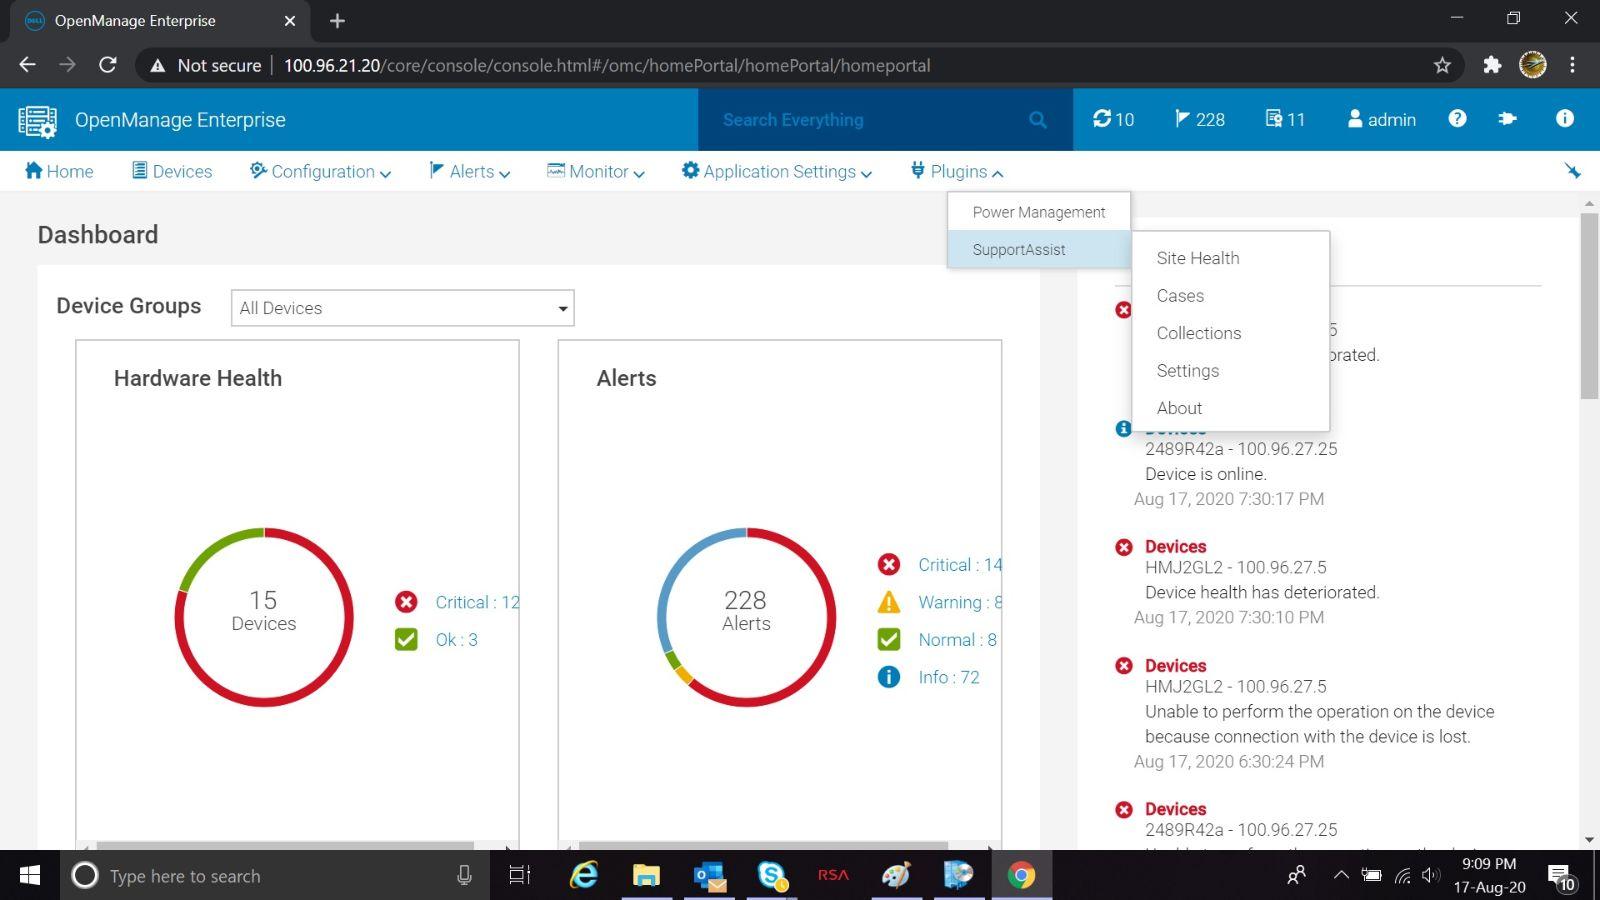 Meny för Dell EMC OpenManage Enterprise SupportAssist